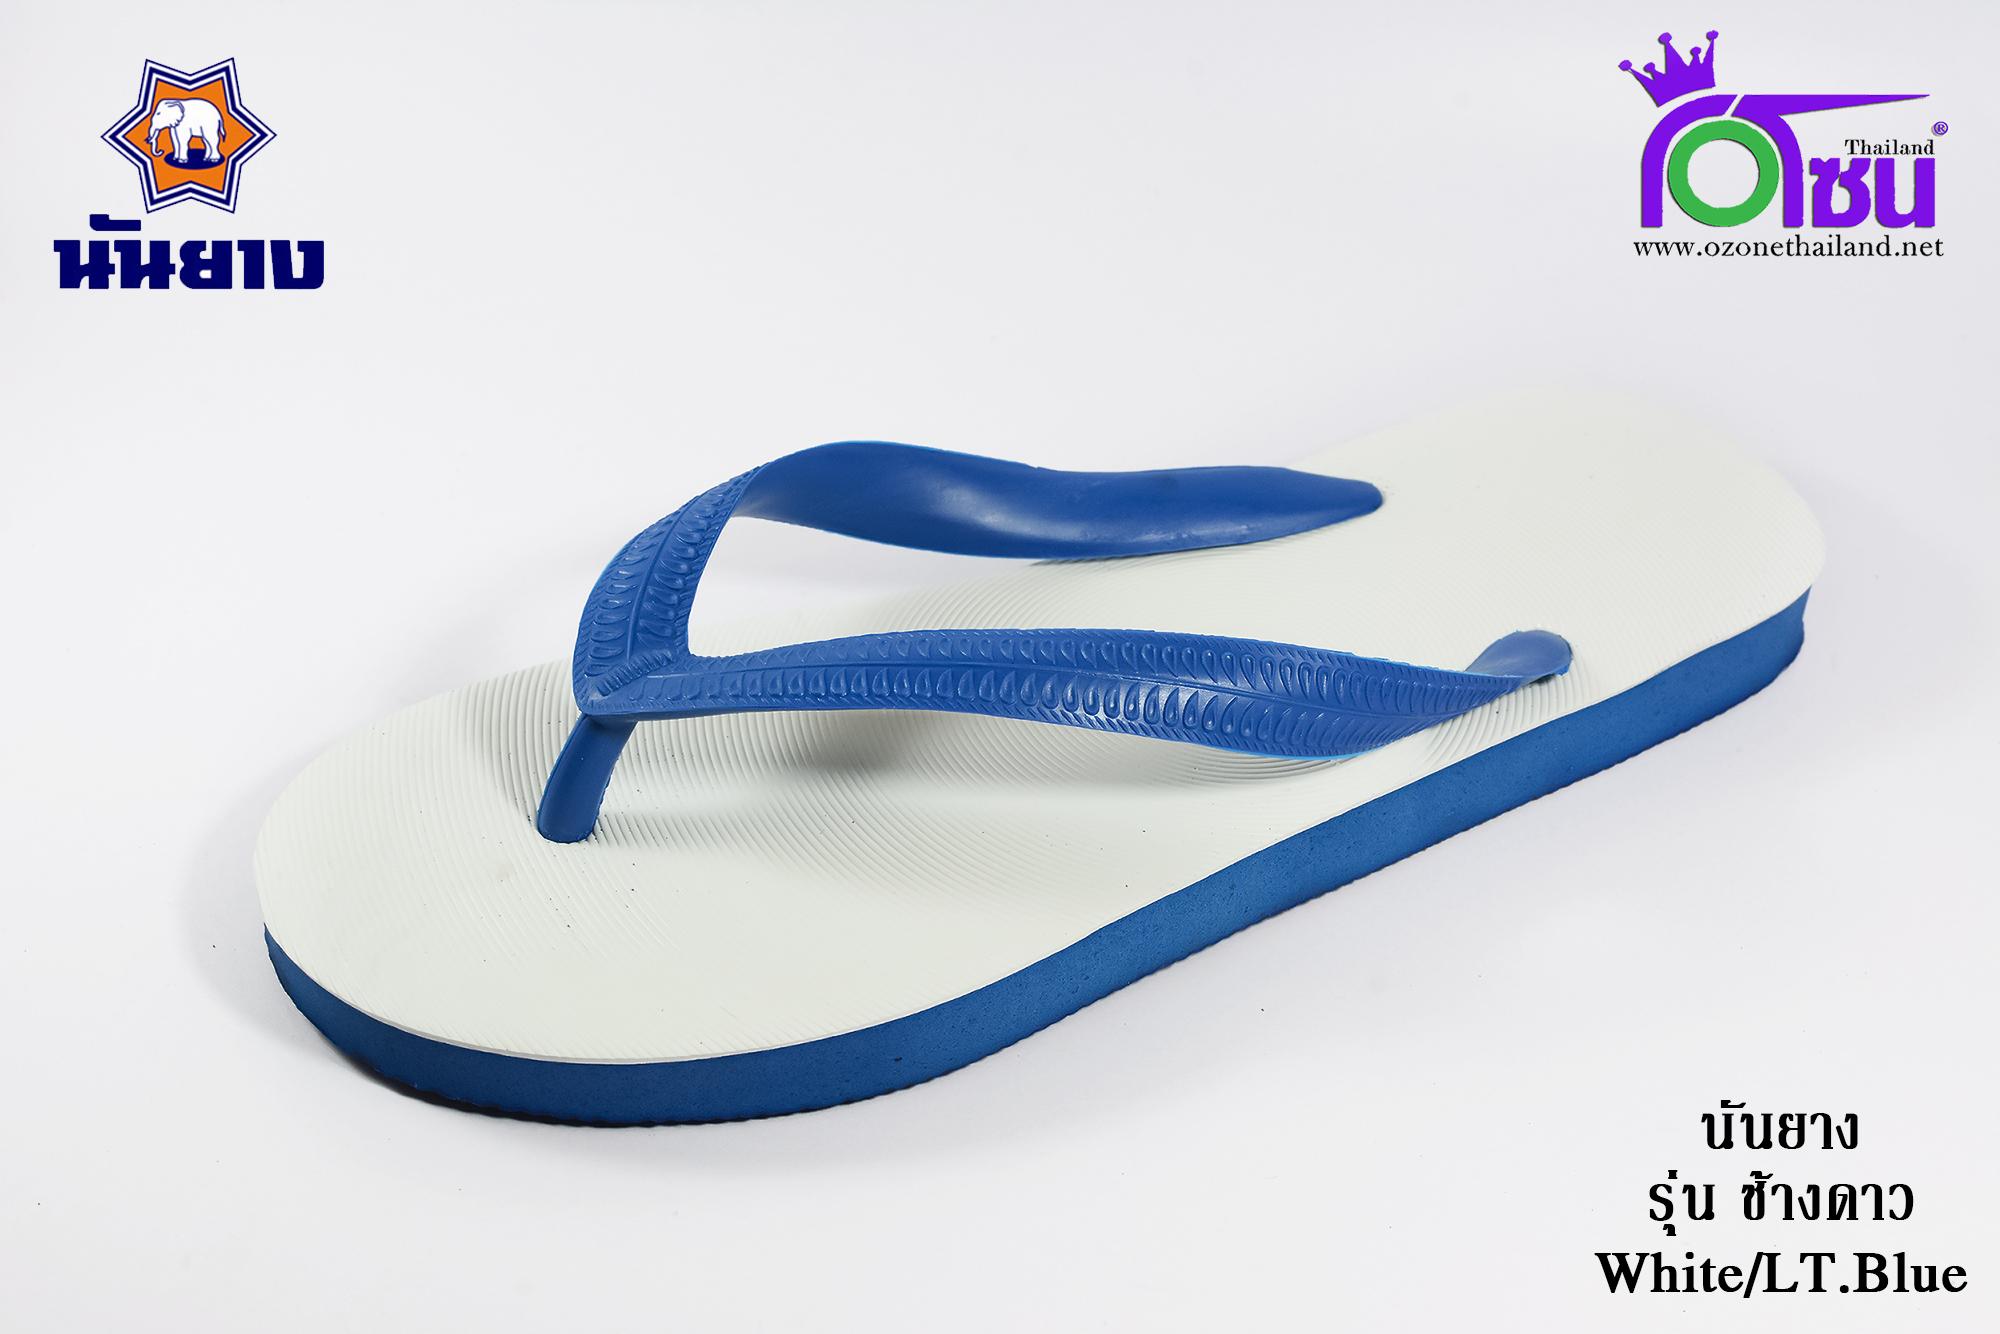 รองเท้าฟองน้ำ ช้างดาว สีน้ำเงิน เบอร์ 9,9.5,10,10.5,11